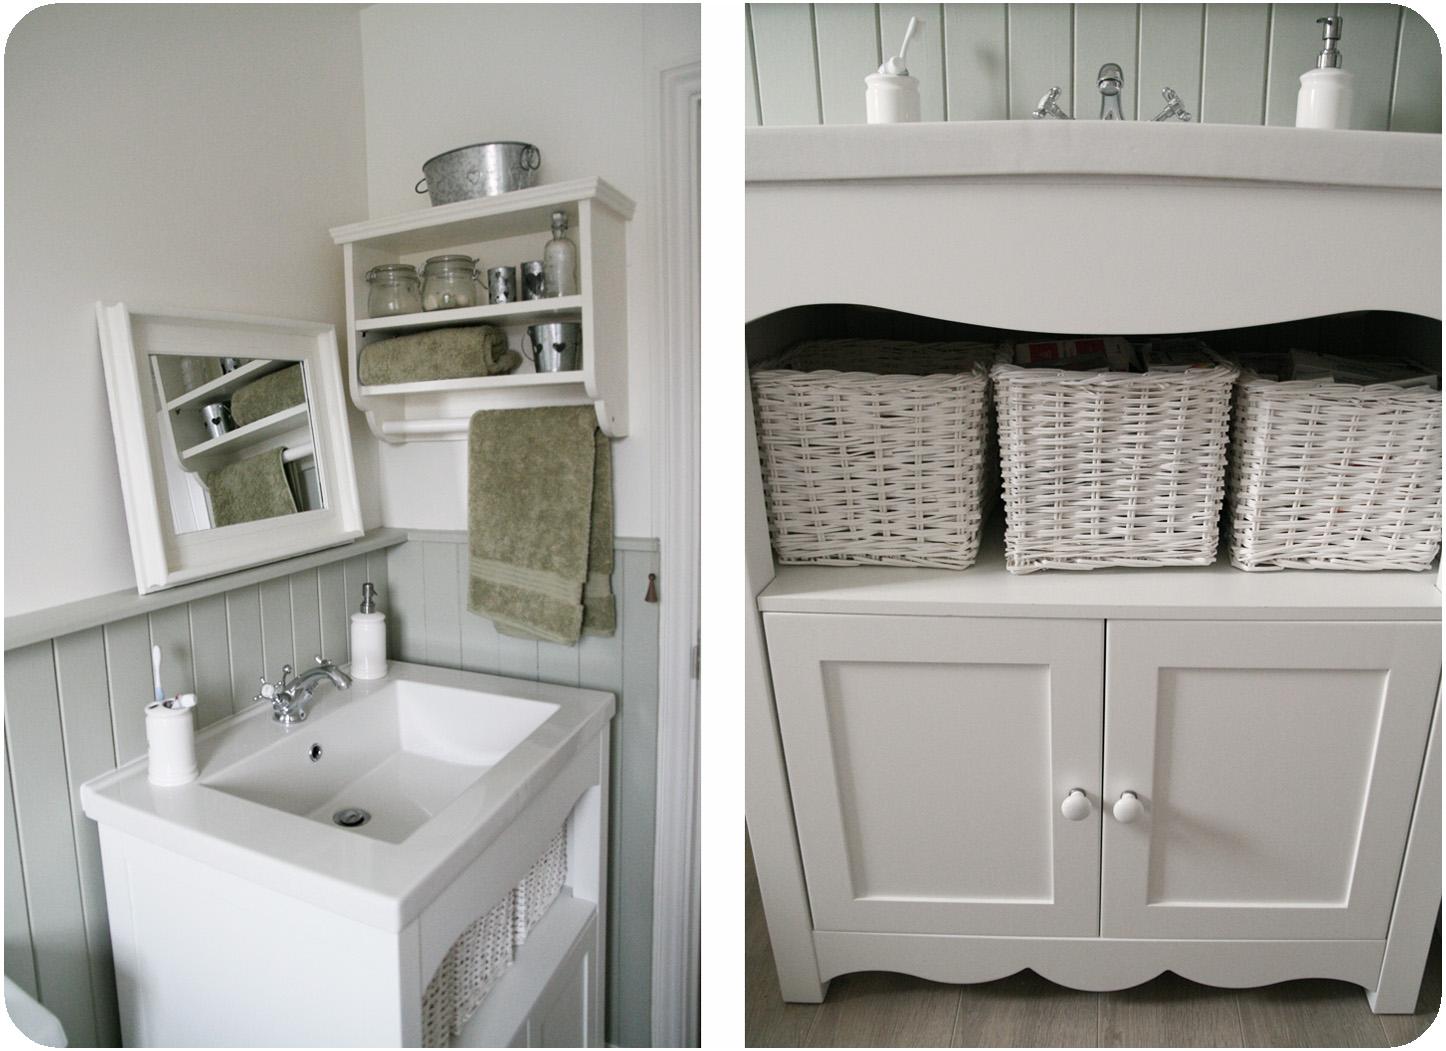 Related Wallpapers Mveis Para Banheiro Mveis Para Banheiro #625F4E 1446 1051